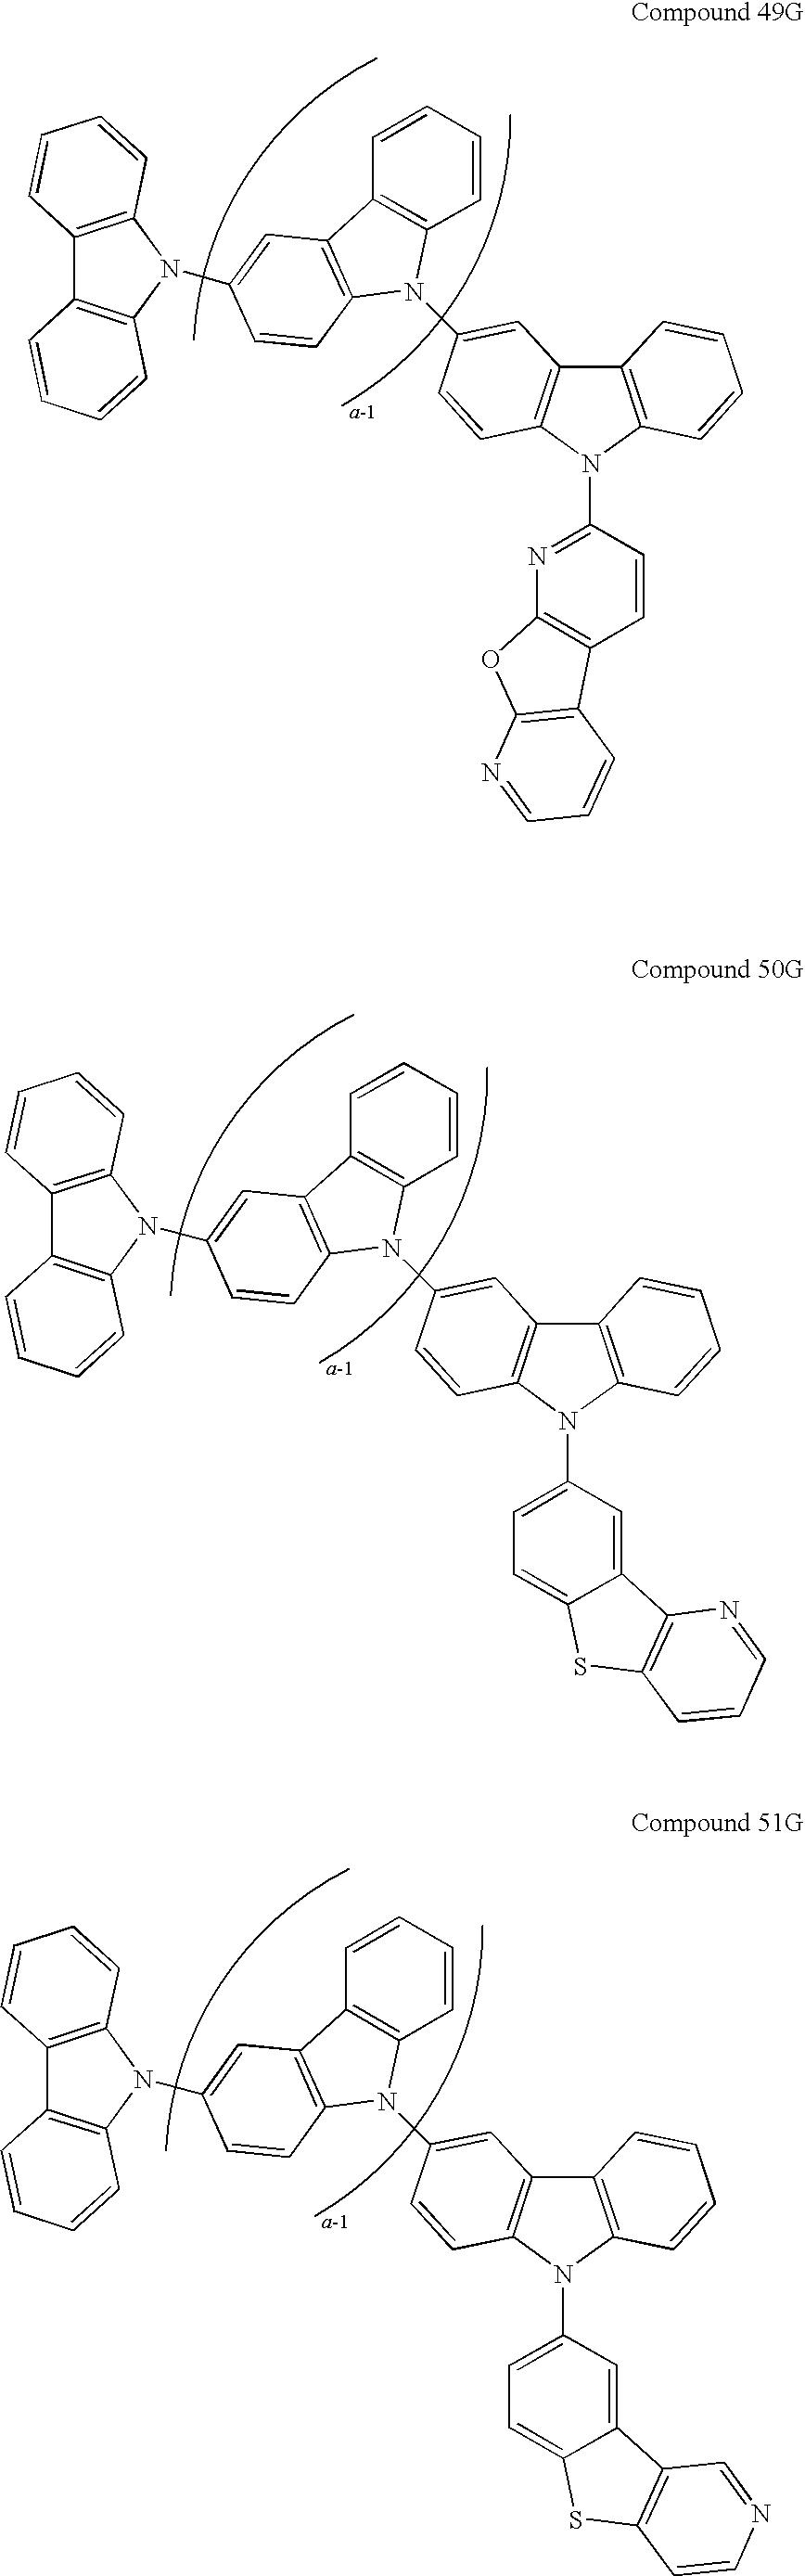 Figure US20090134784A1-20090528-C00020